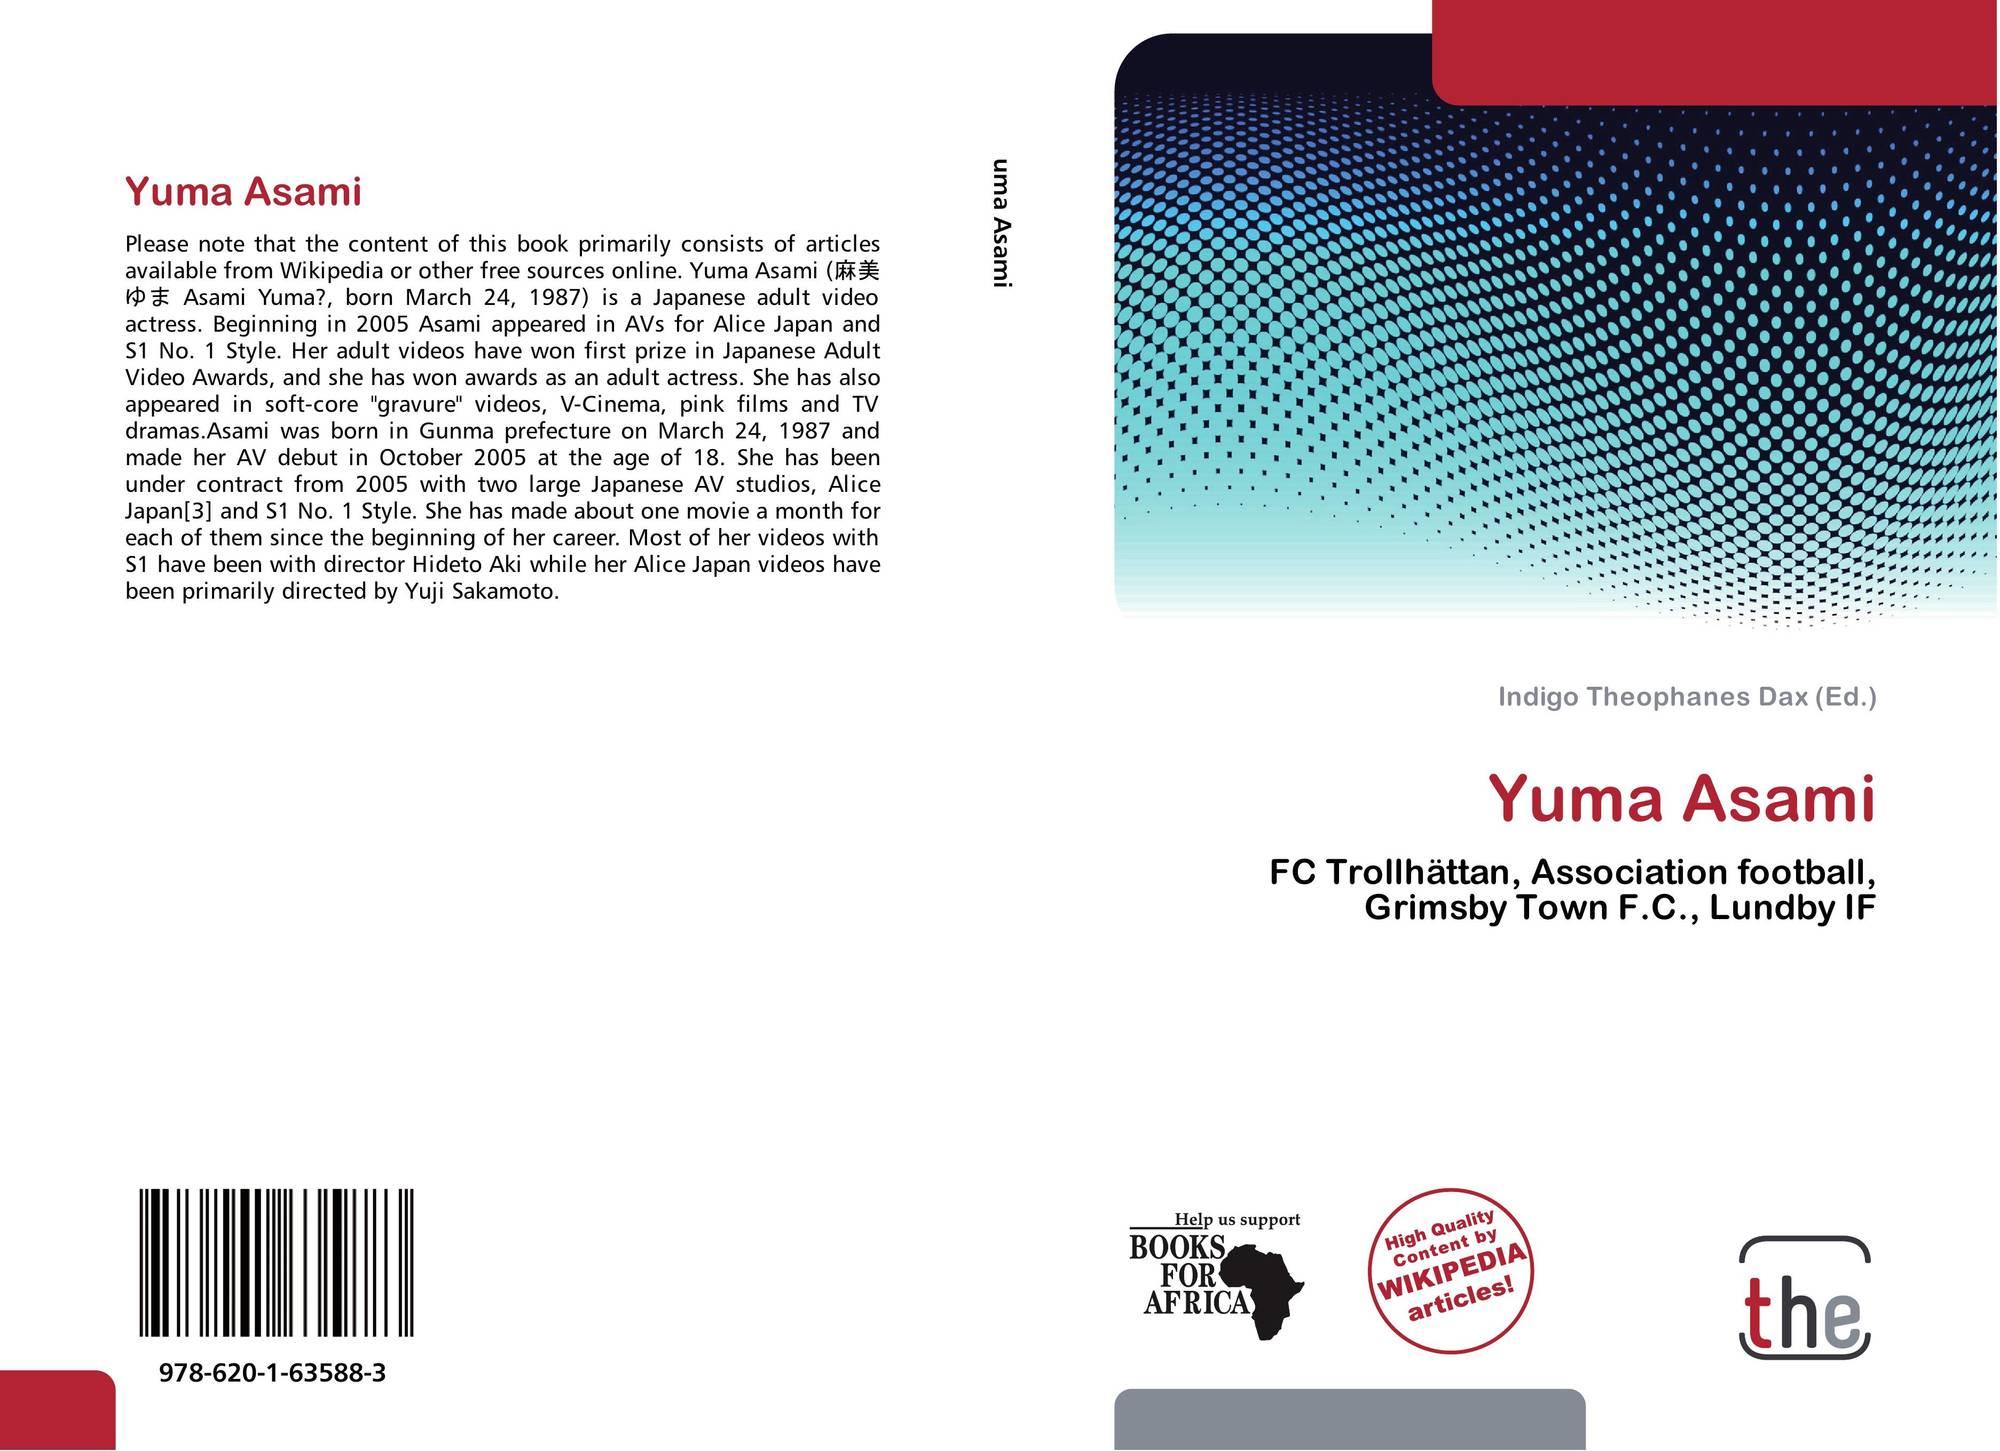 yuma asami, 978-620-1-63588-3, 6201635882 ,9786201635883